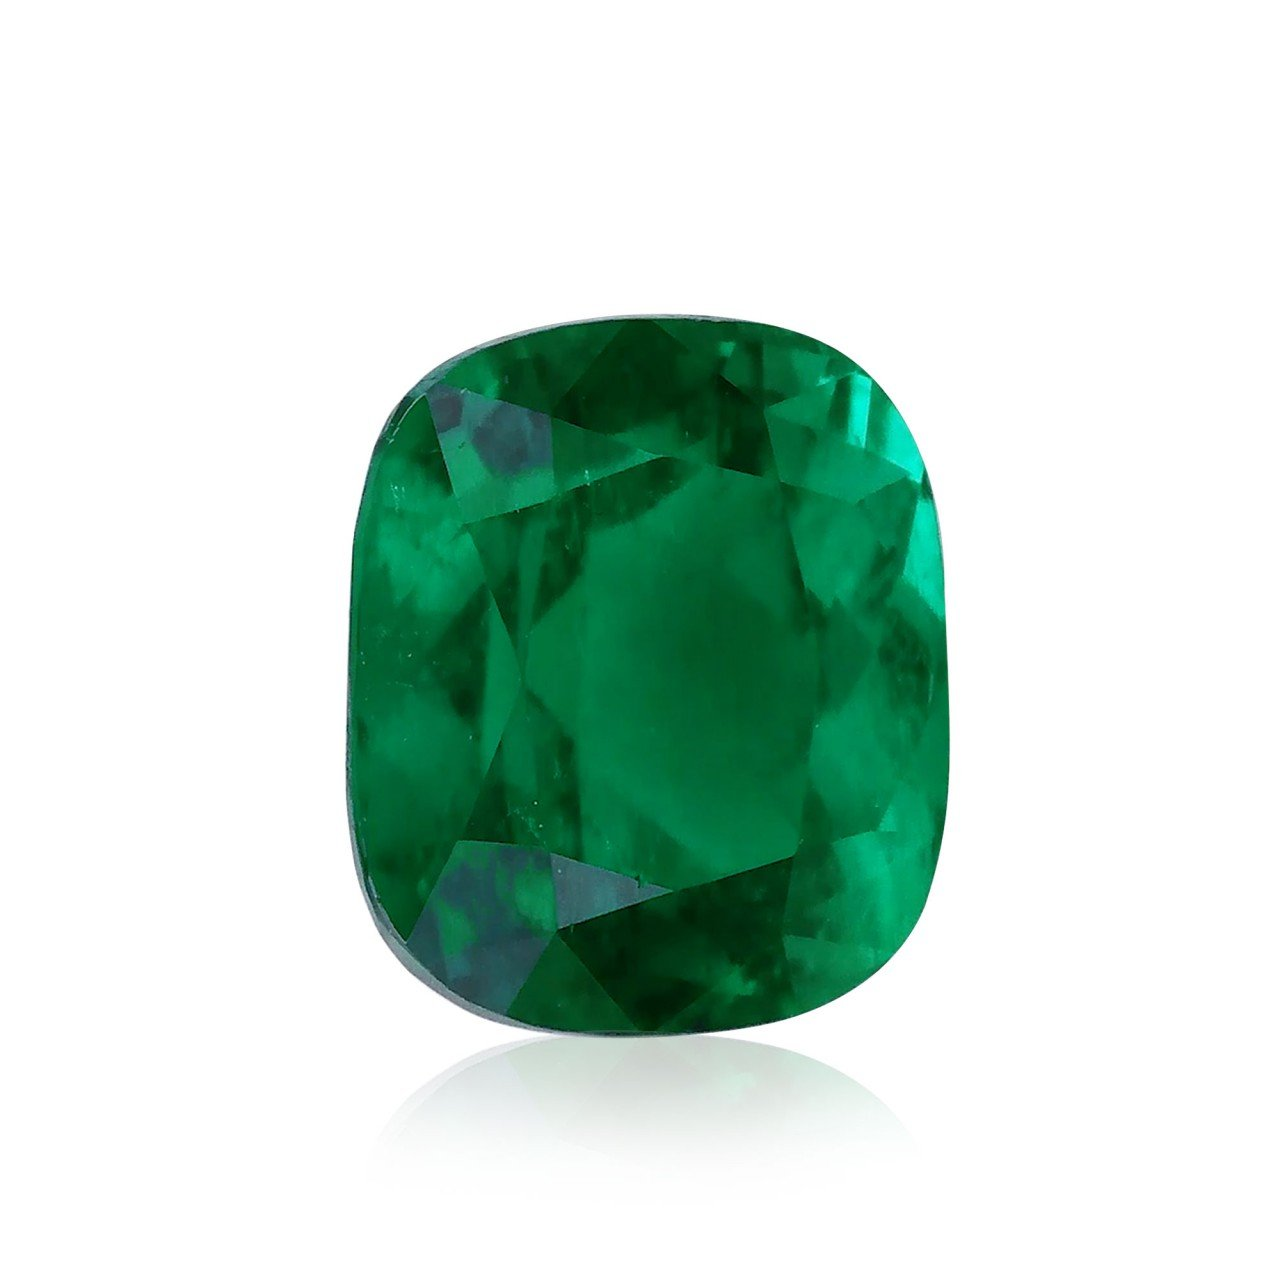 4.45 cts verde esmeralda sueltos gemas cojín corte gubelin ...